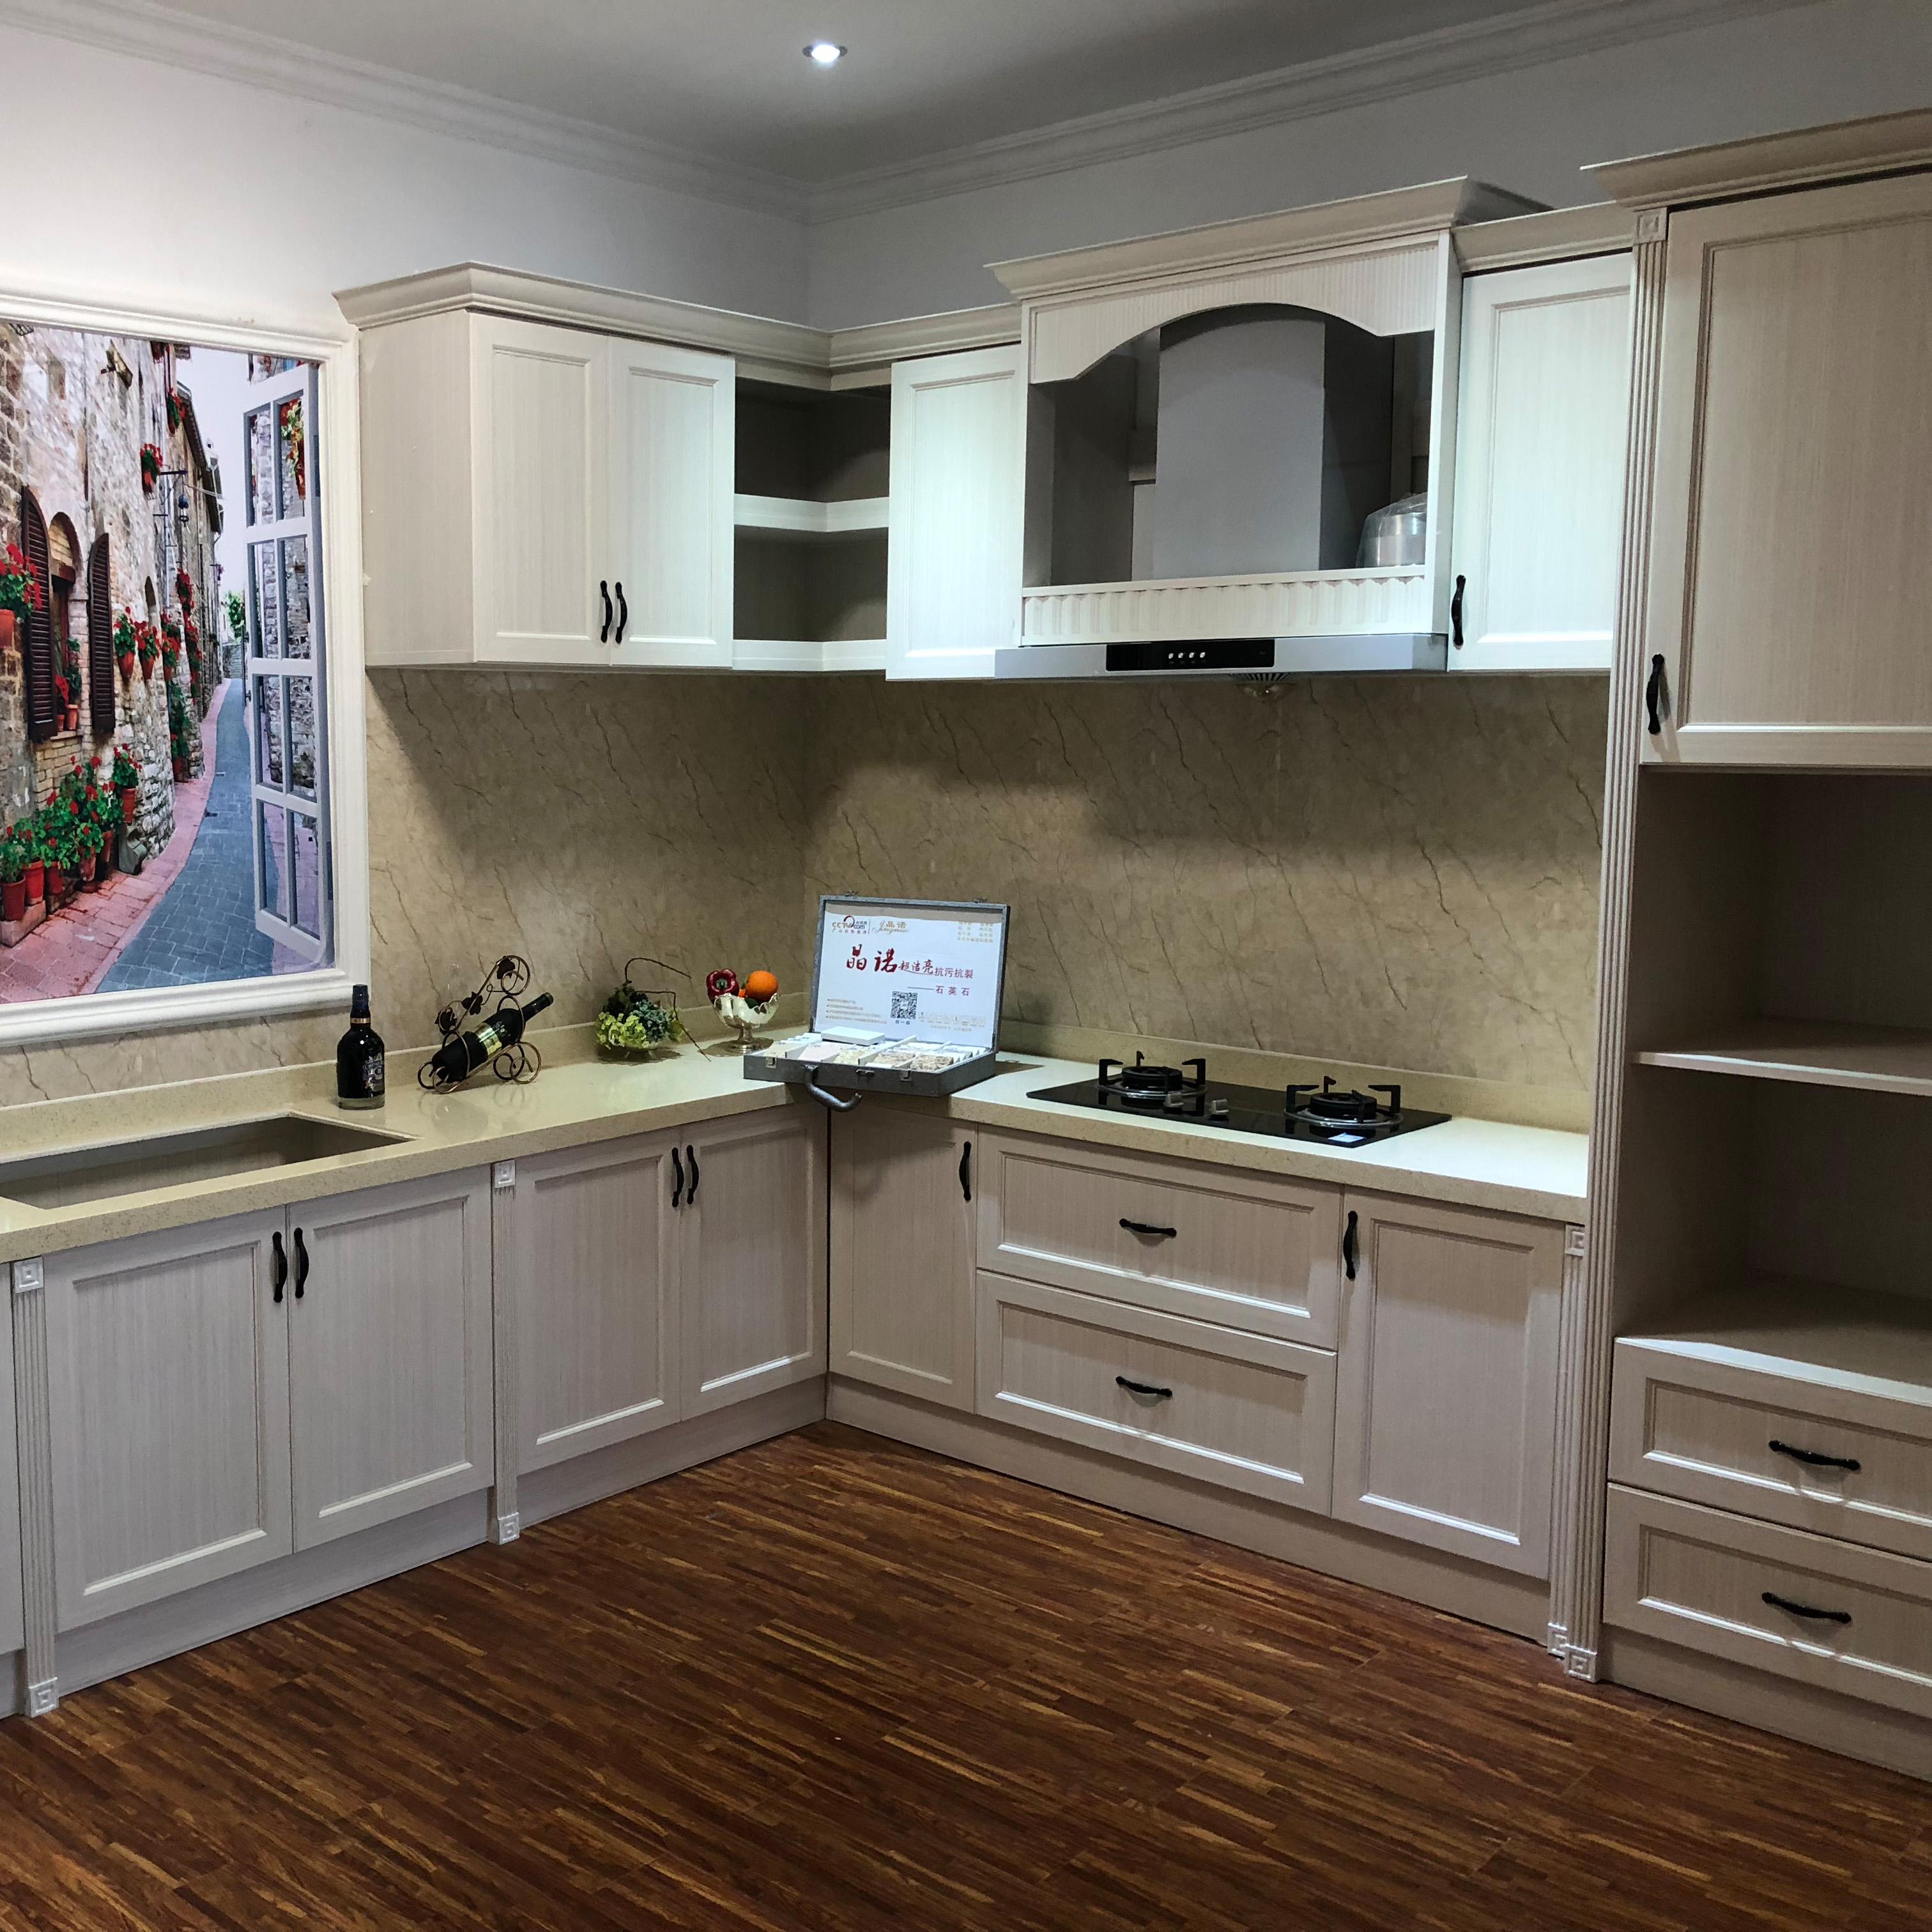 嘉兴上海L型开放式现代简约整体厨房橱柜铝合金柜门全铝家具设计